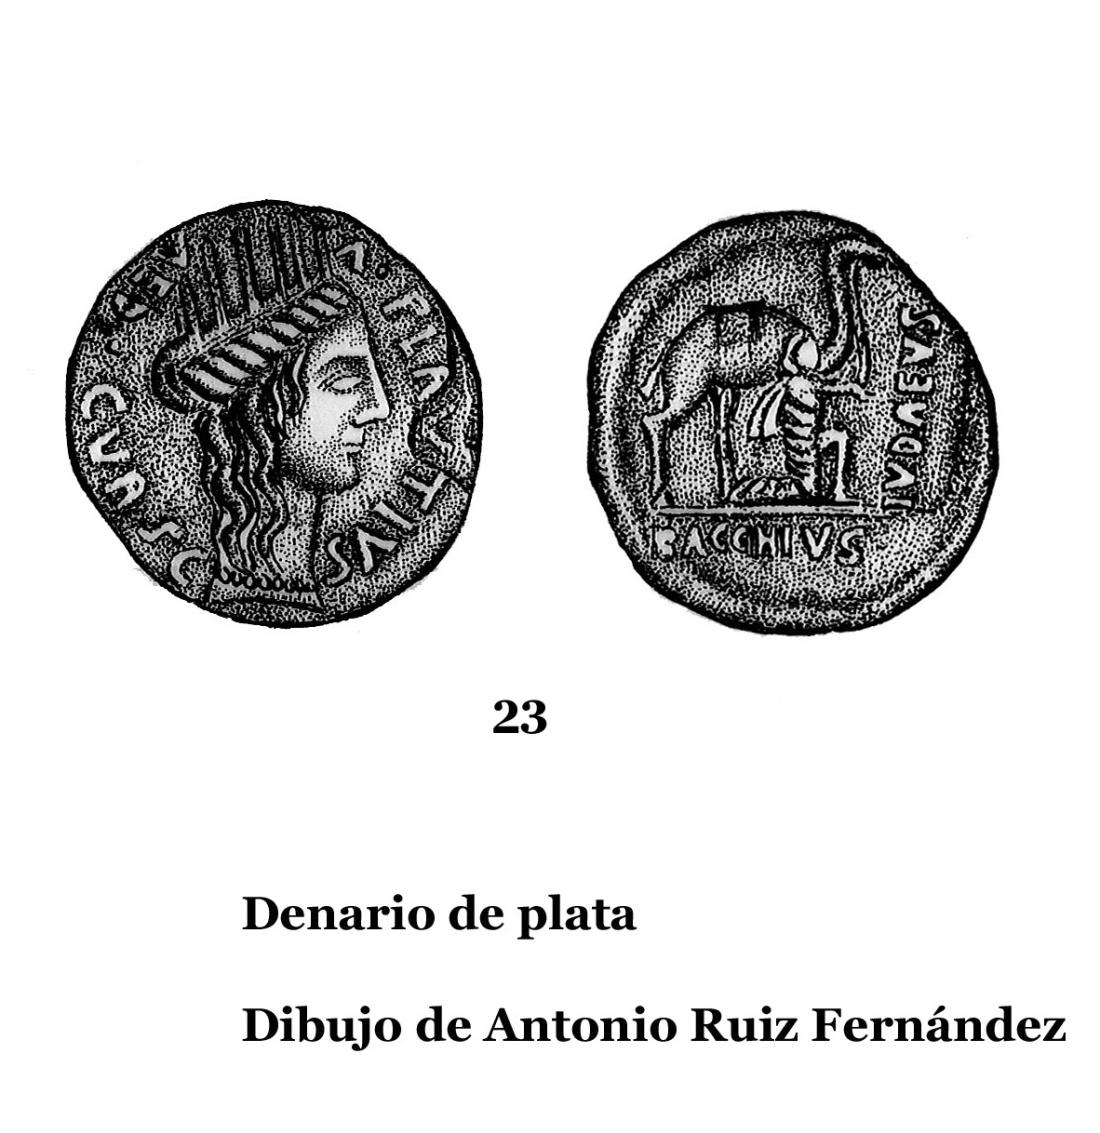 23DENARIOS DE PLATA, DIBUJOS 23 copia